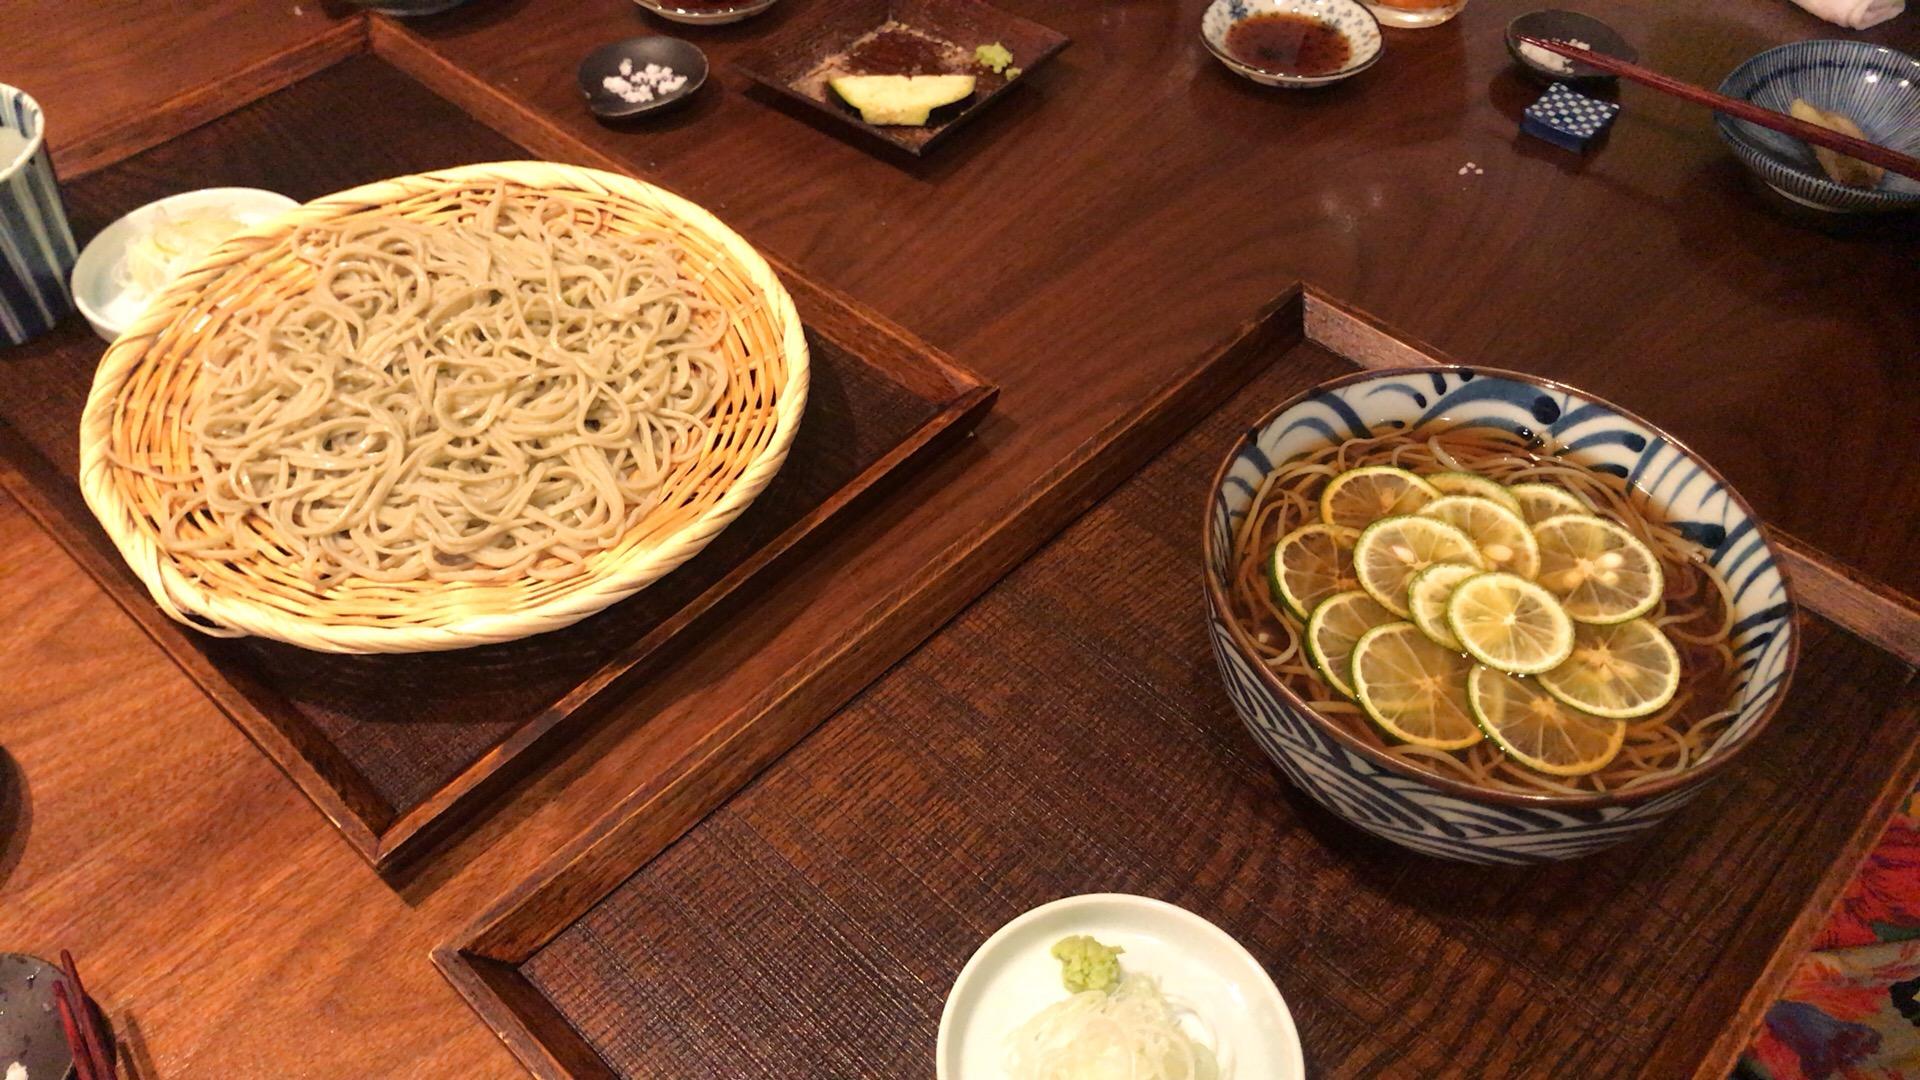 札幌・中央区 耳 手打ち蕎麦と料理